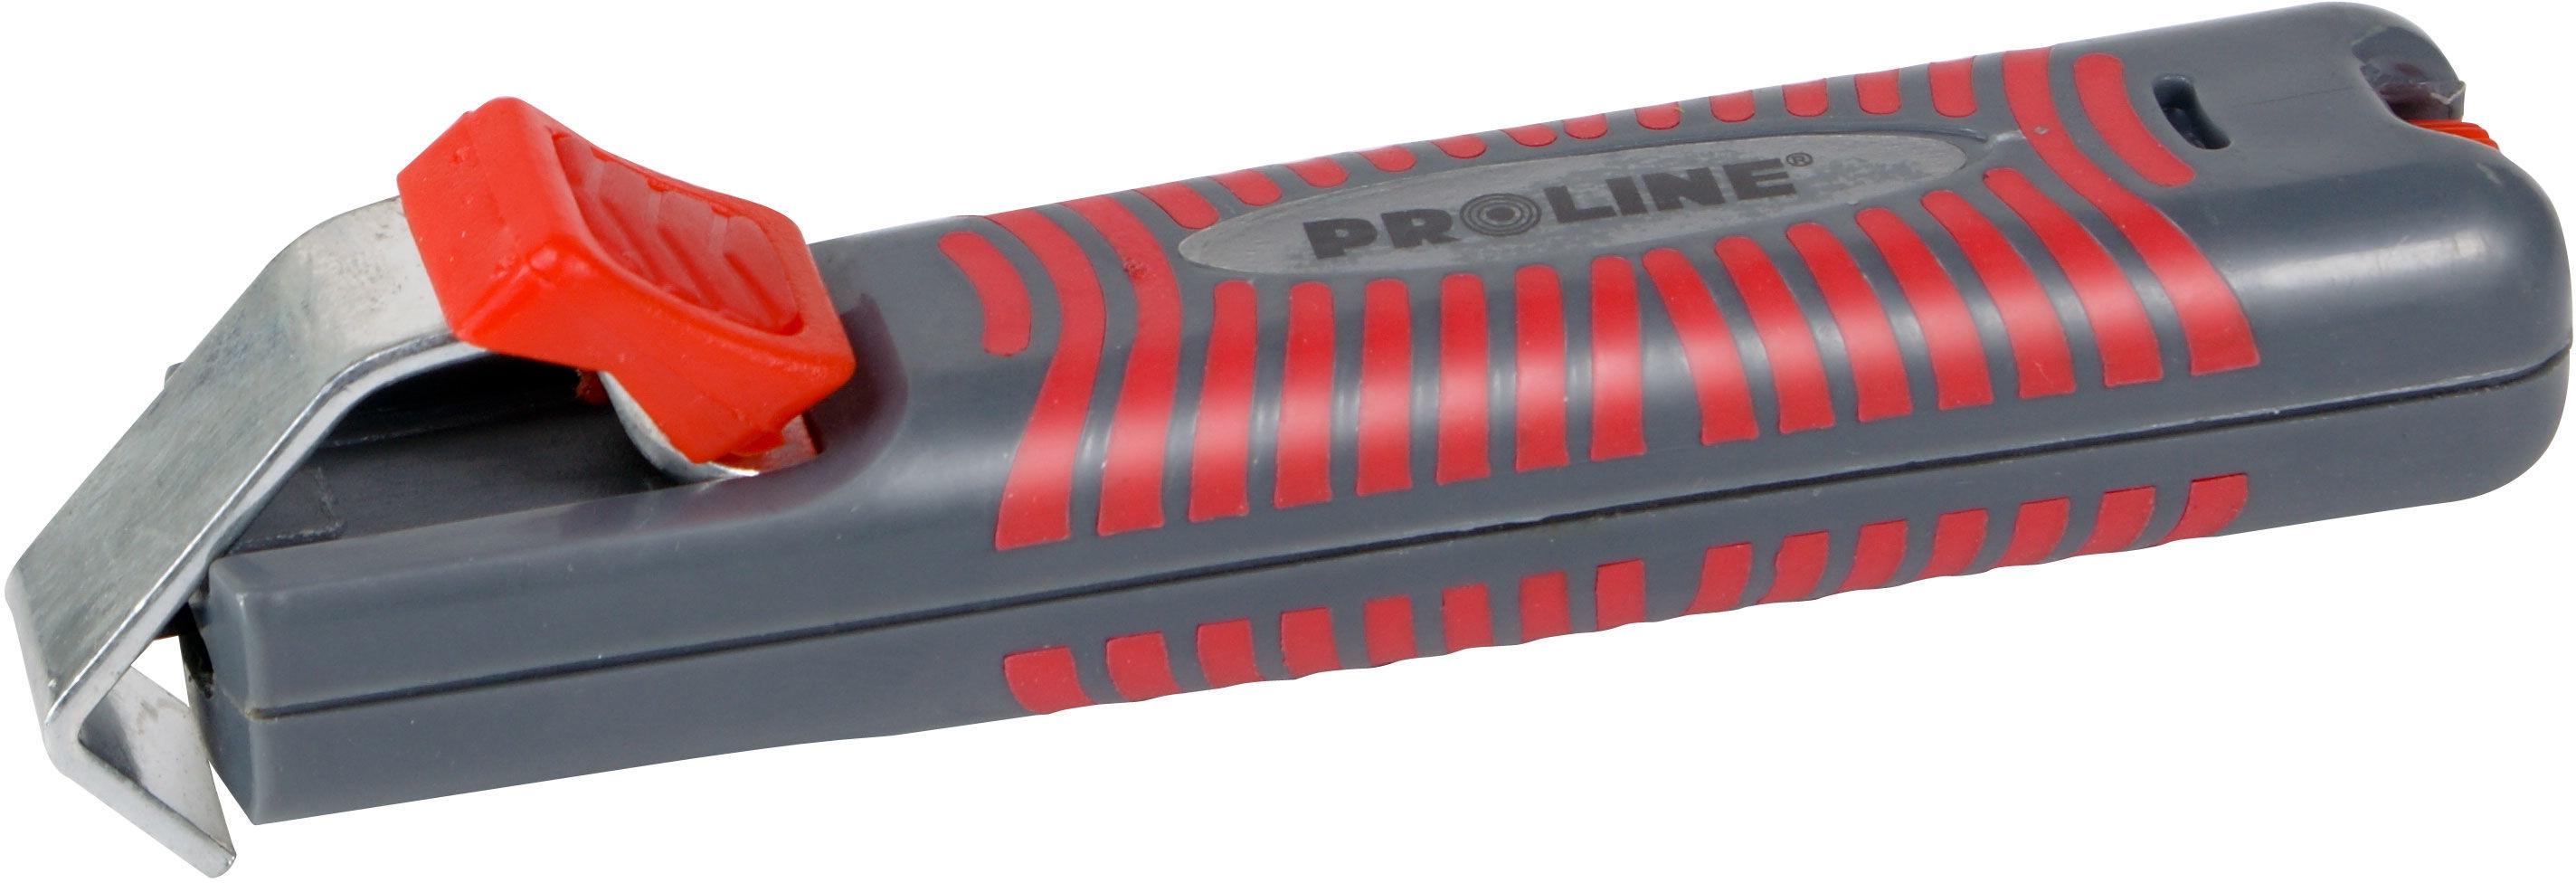 28416 Nóż elektryka do izolacji, Proline